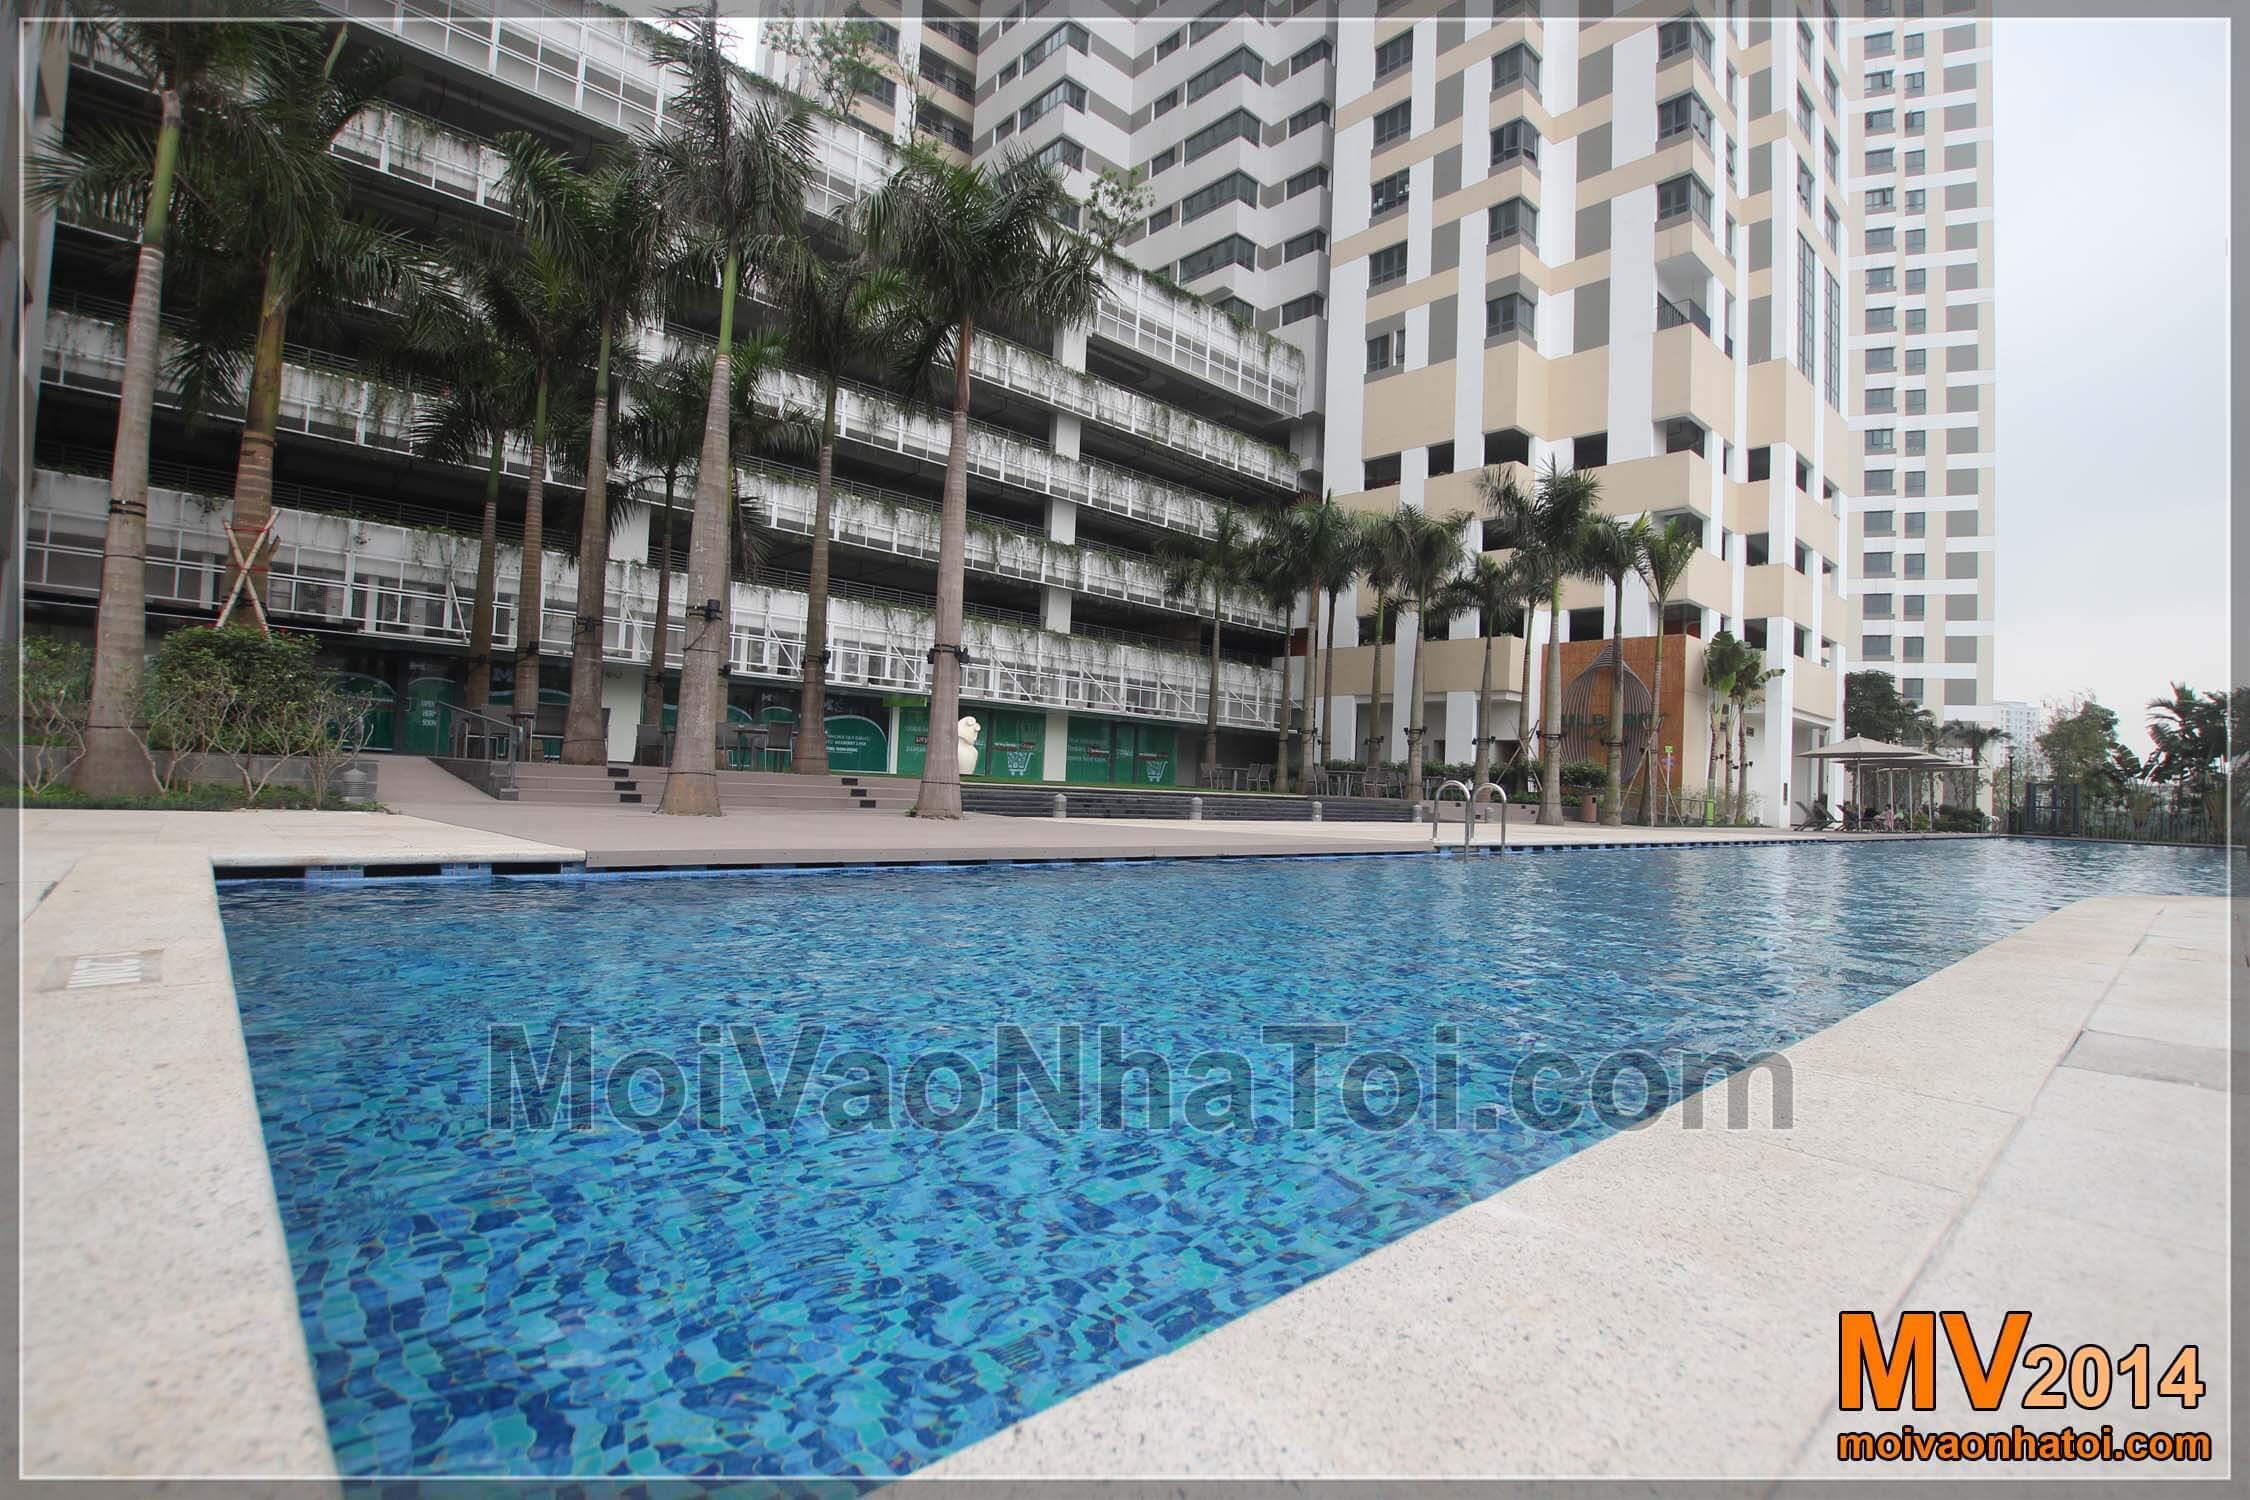 plavecký bazén v bytovém domě morušeňový, projektování a výstavba morušového pruhu